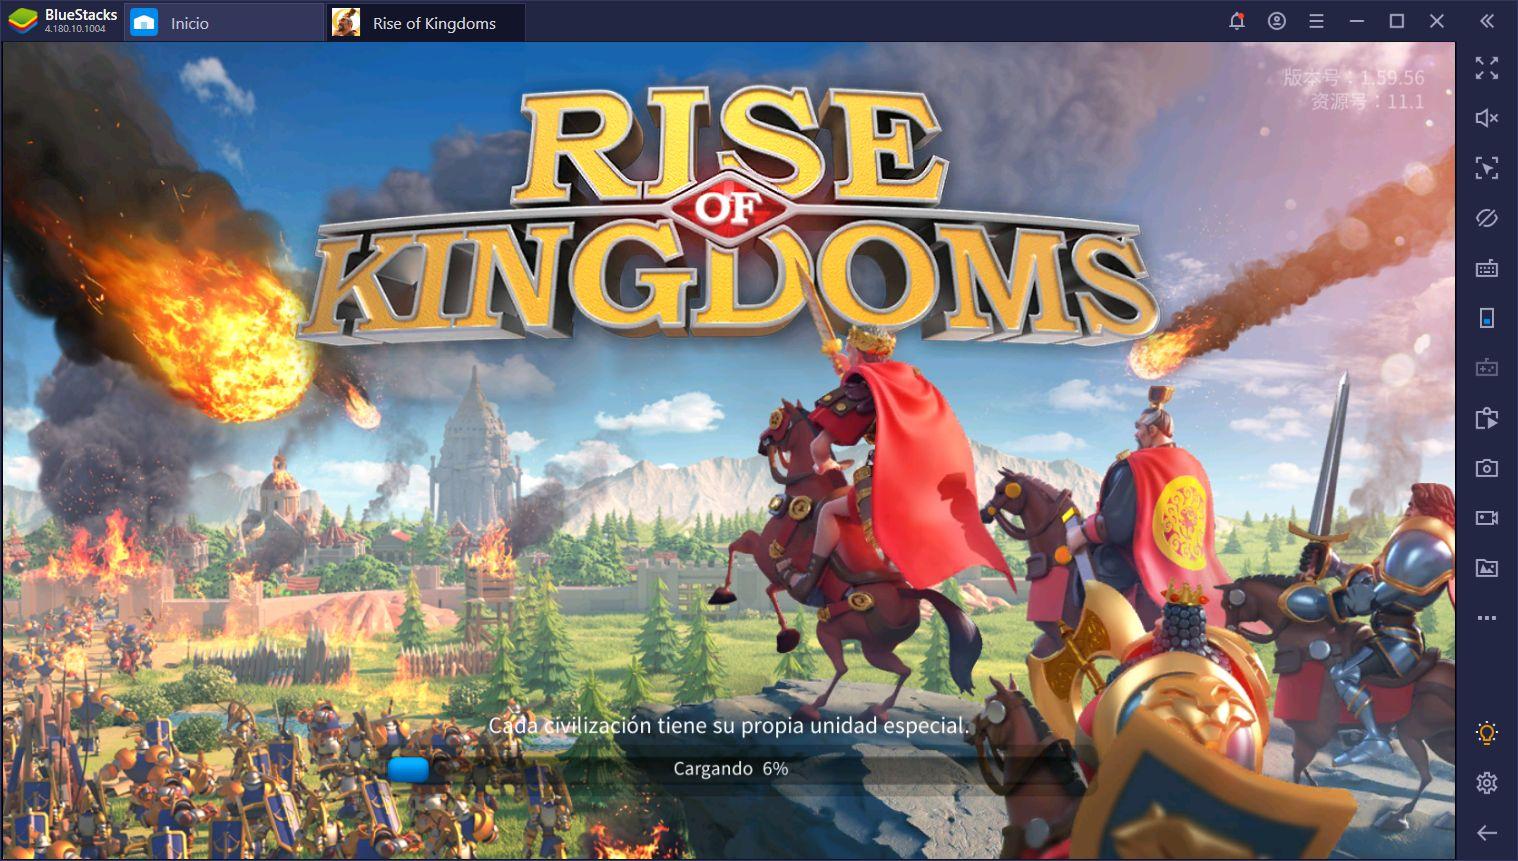 10 Excelentes Juegos Para Jugar en PC Durante la Cuarentena y Aislamiento